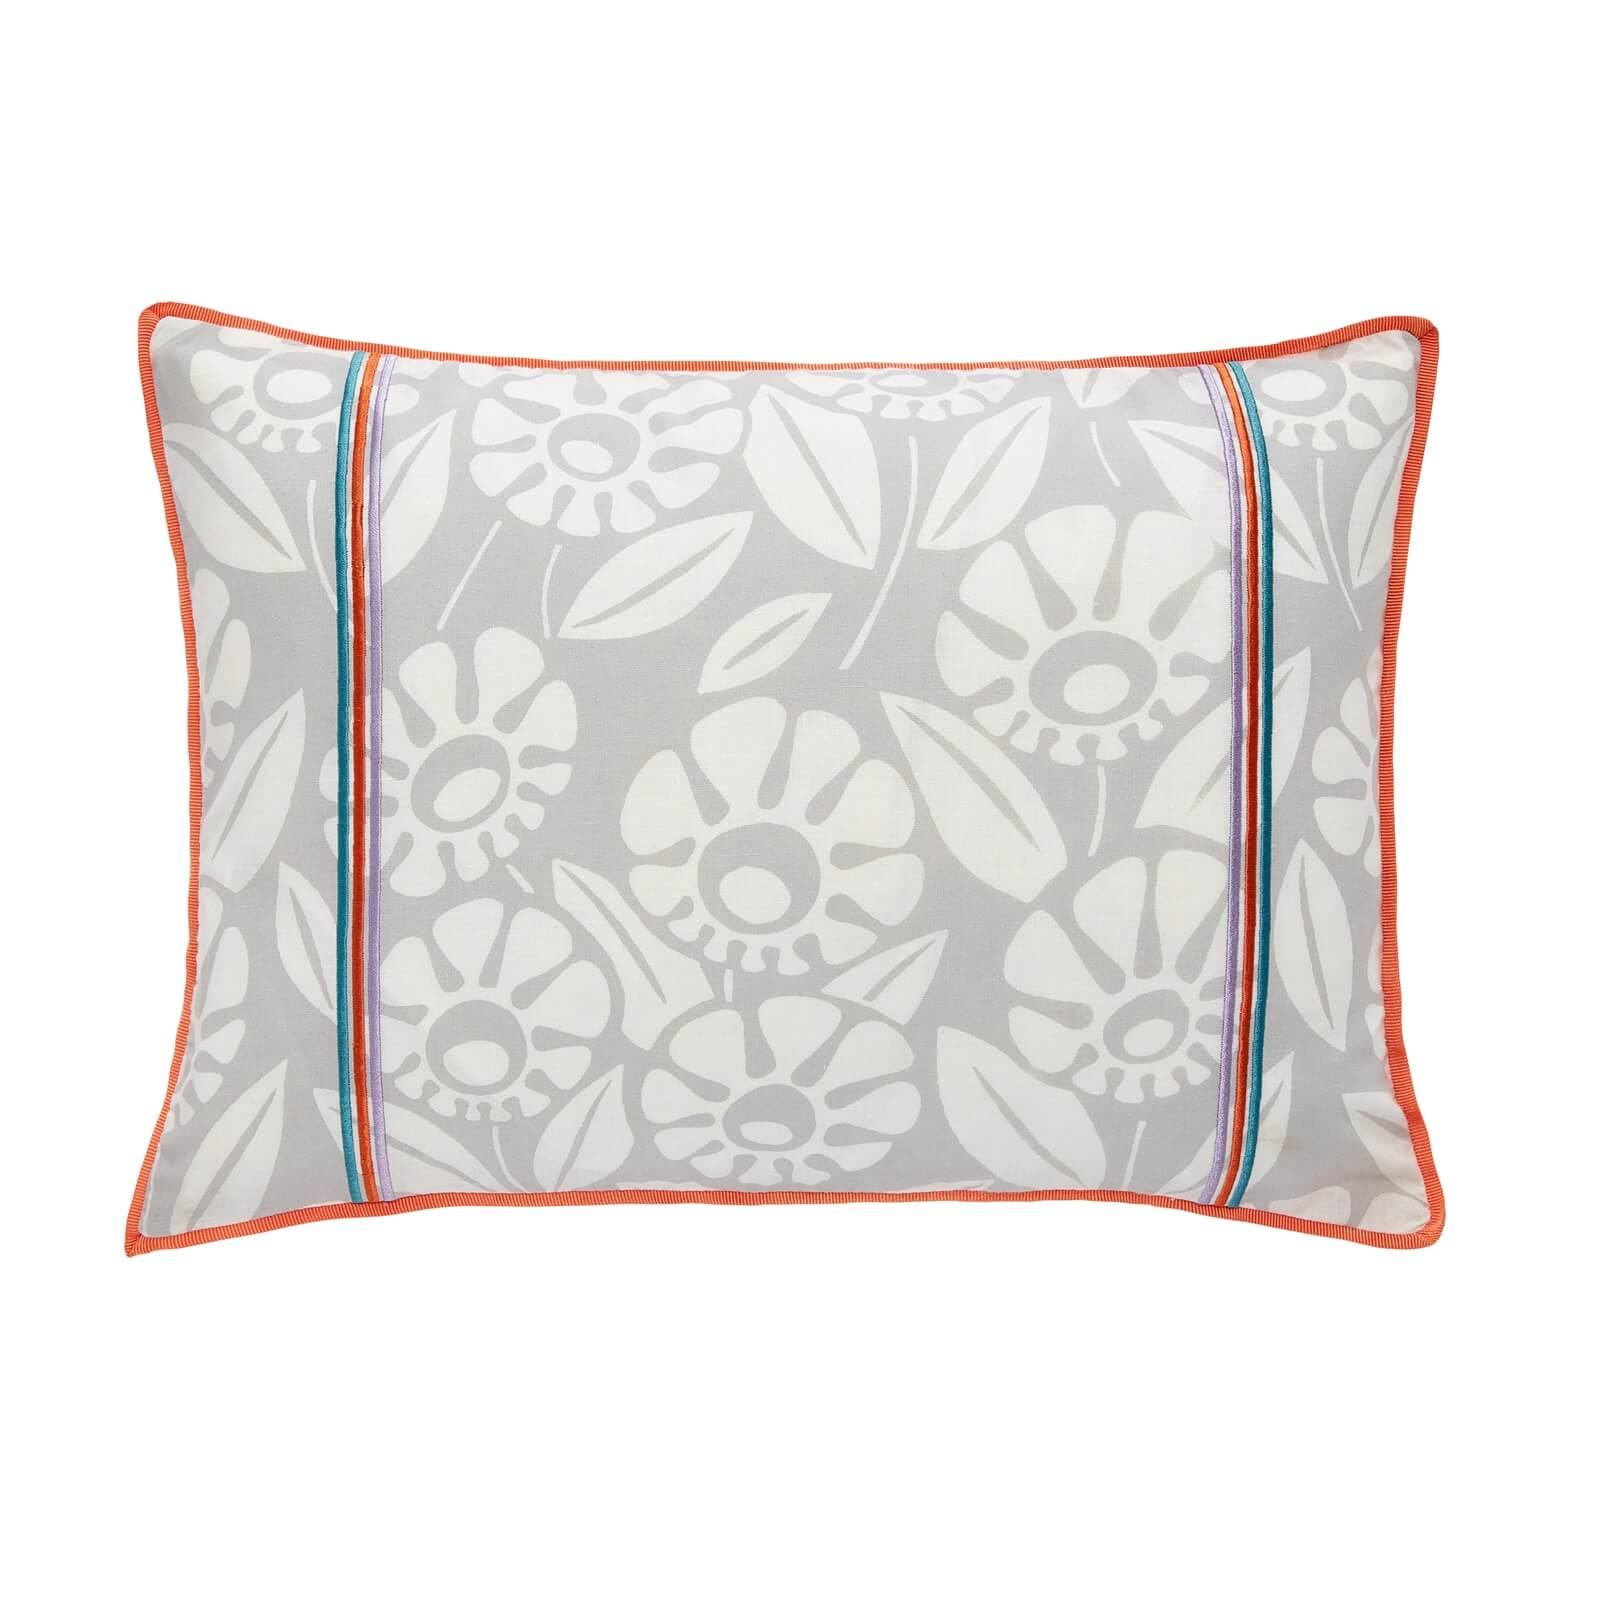 Helena Springfield Copenhagen Tivoliklint Cushion 30x40cm - Coral